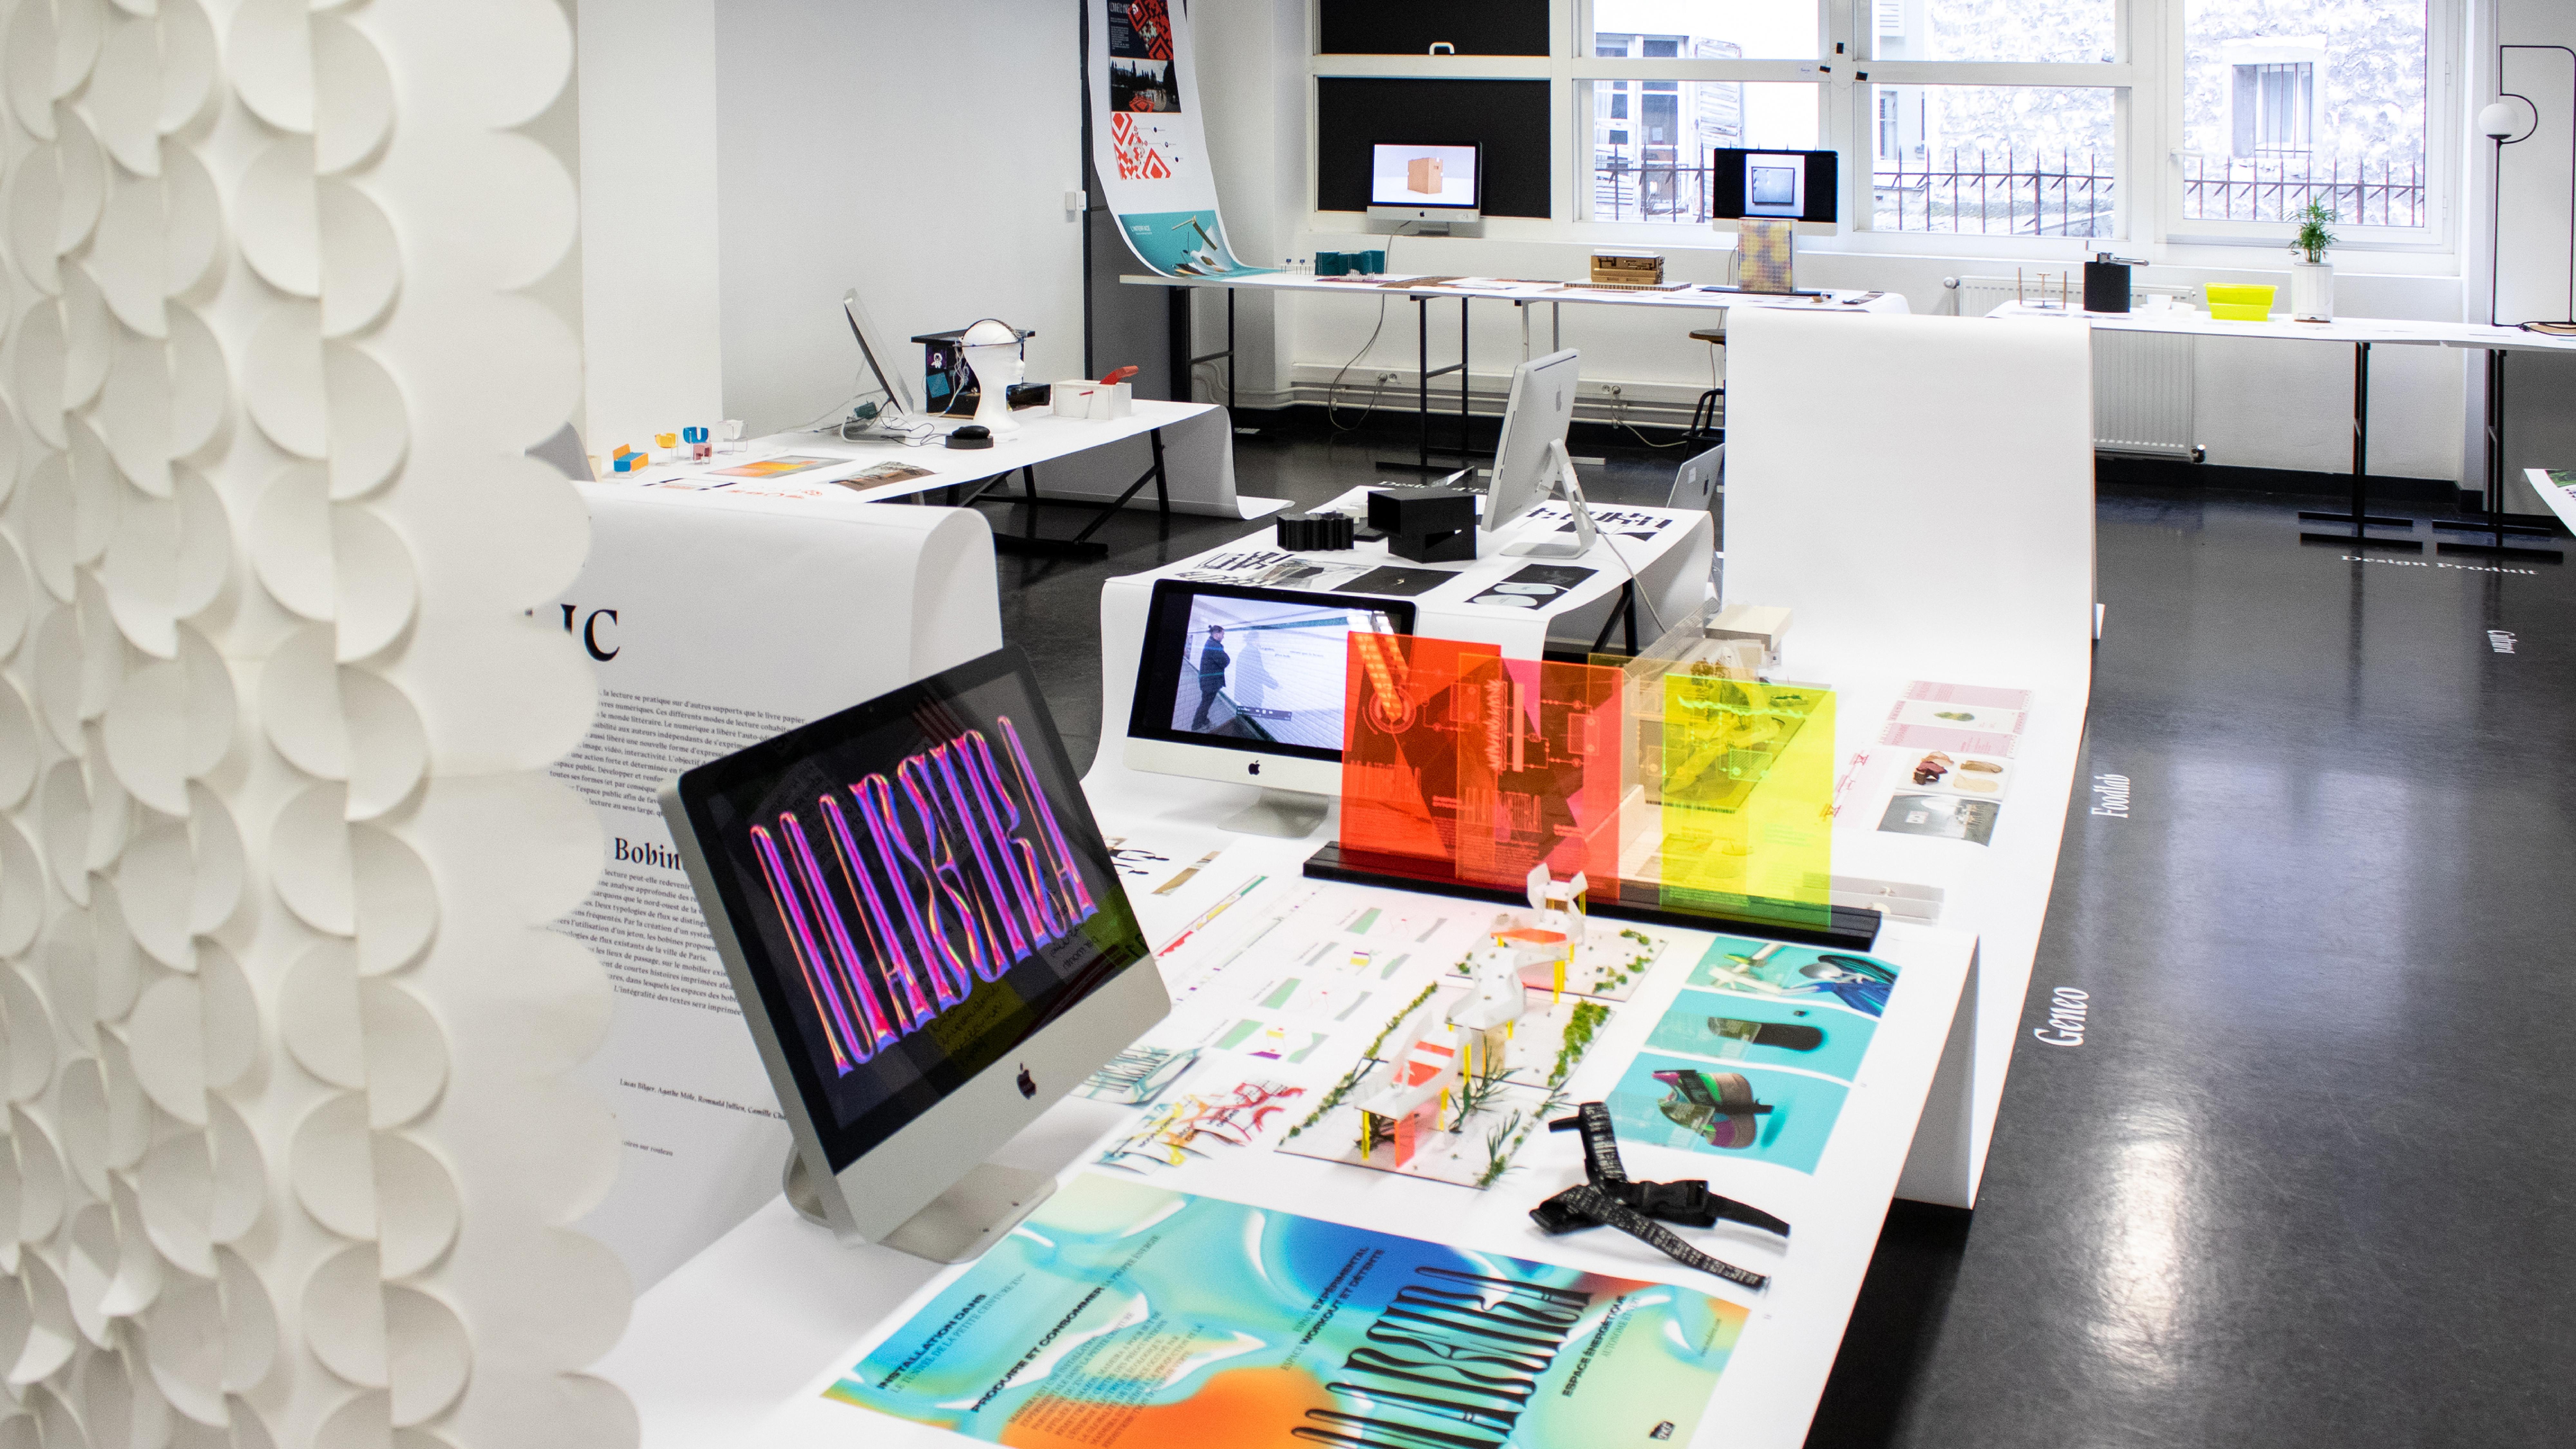 Dsaa Design Produit Toulouse mastère design global - recherche & innovation - ecole de condé